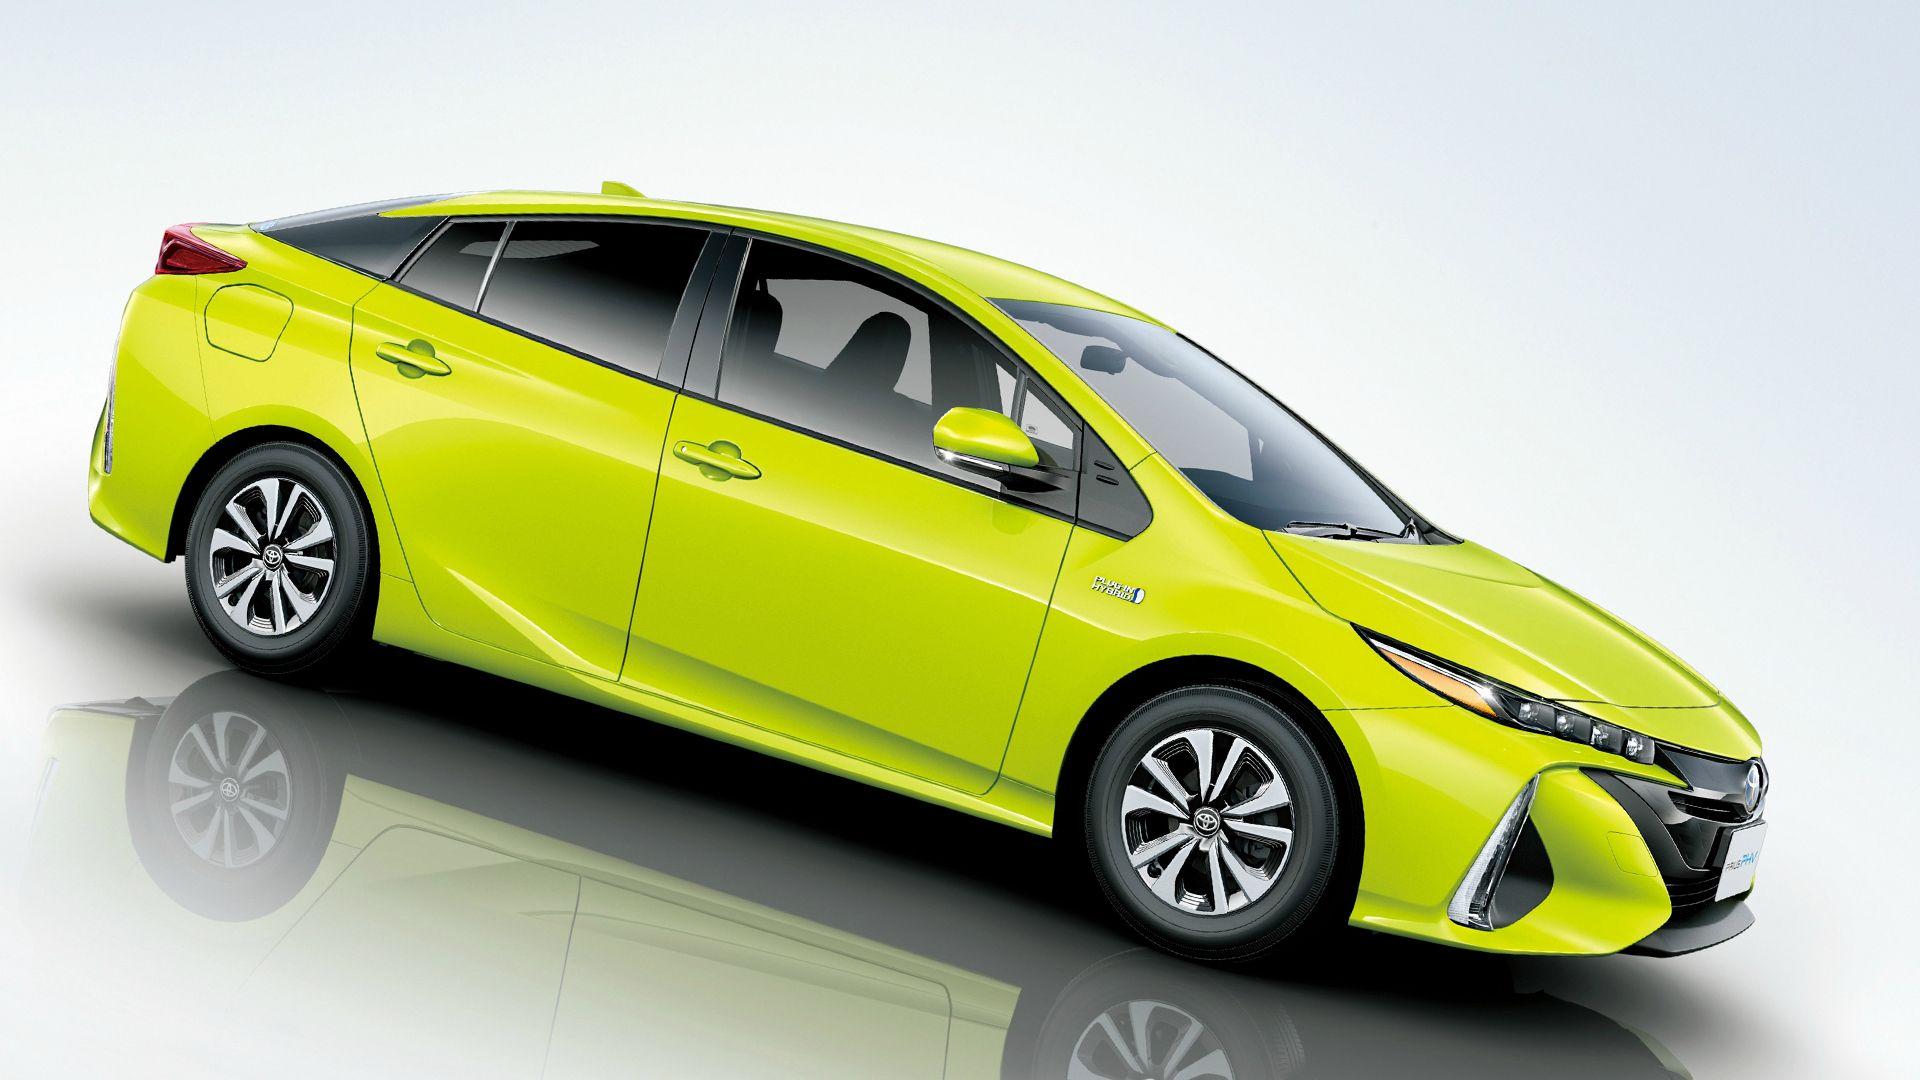 New 2019 Toyota Prius Specs Features Toyota Prius Prius Toyota